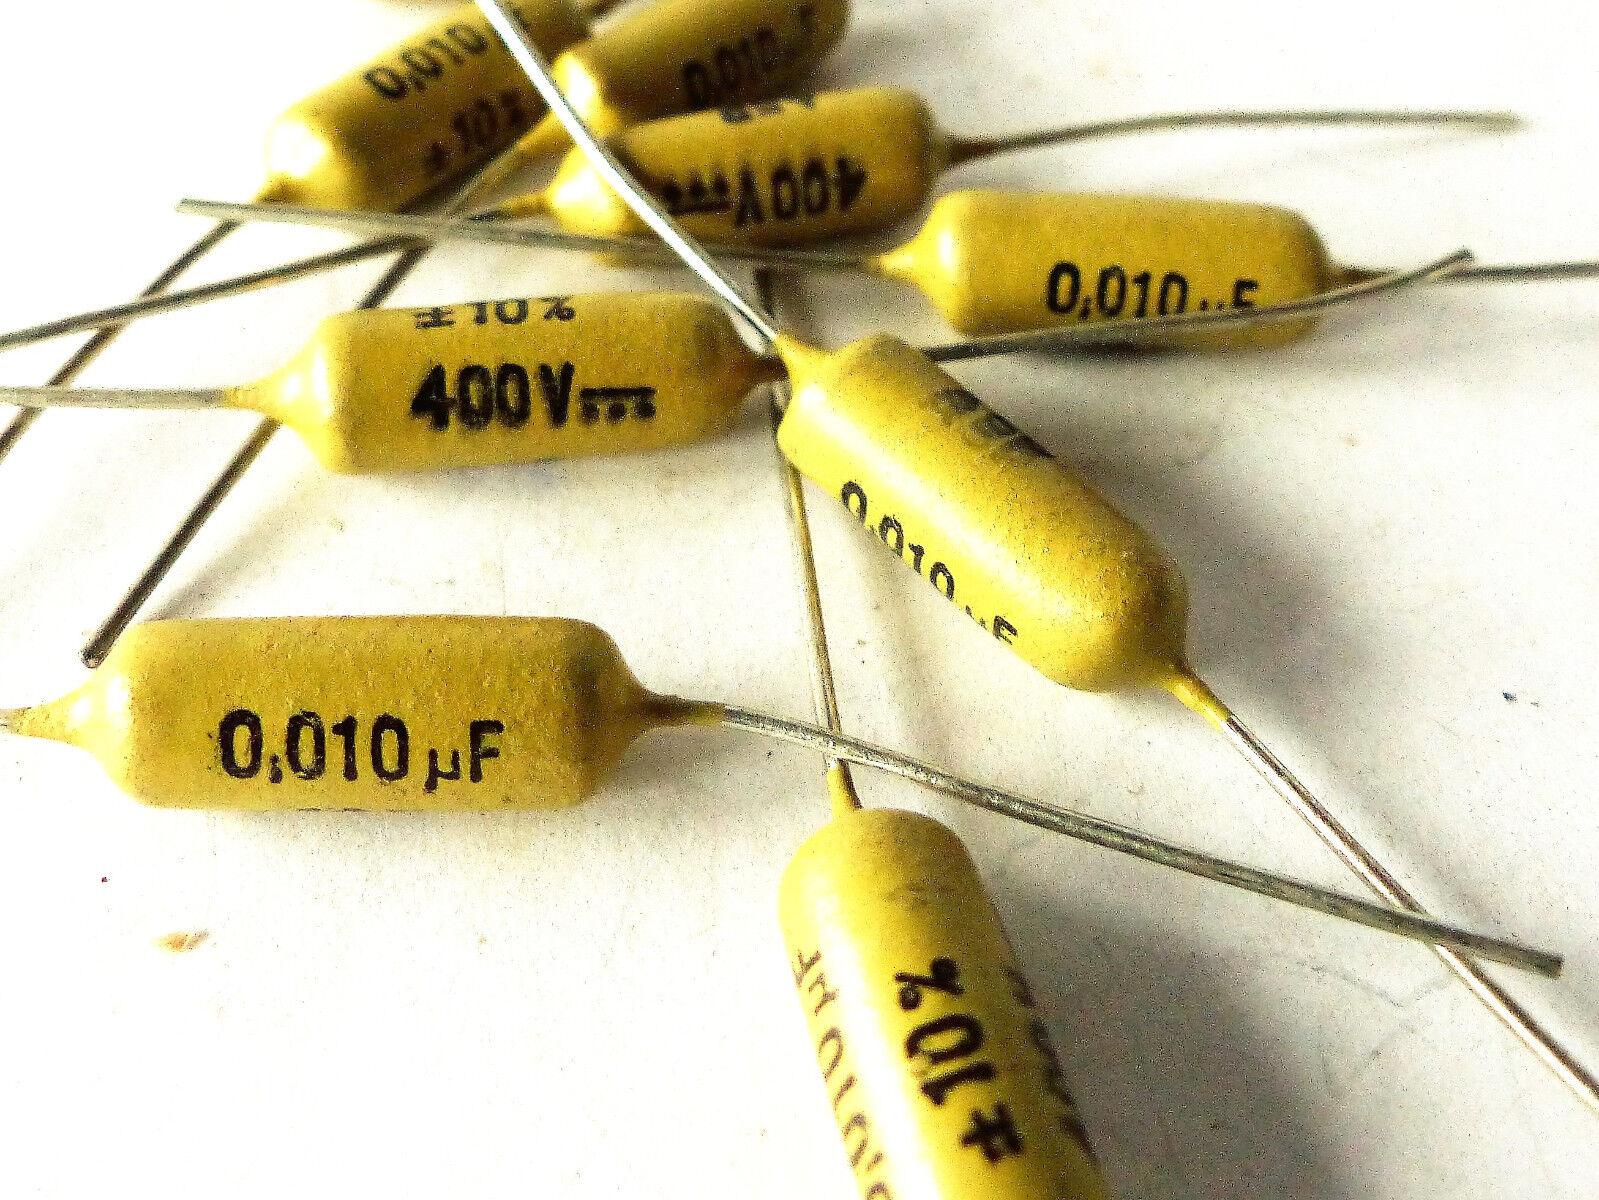 10 10 10 pcs Mullard Mustard Capacitors 10 nF / 0.01 MFD / 400V, NOS 7b130b